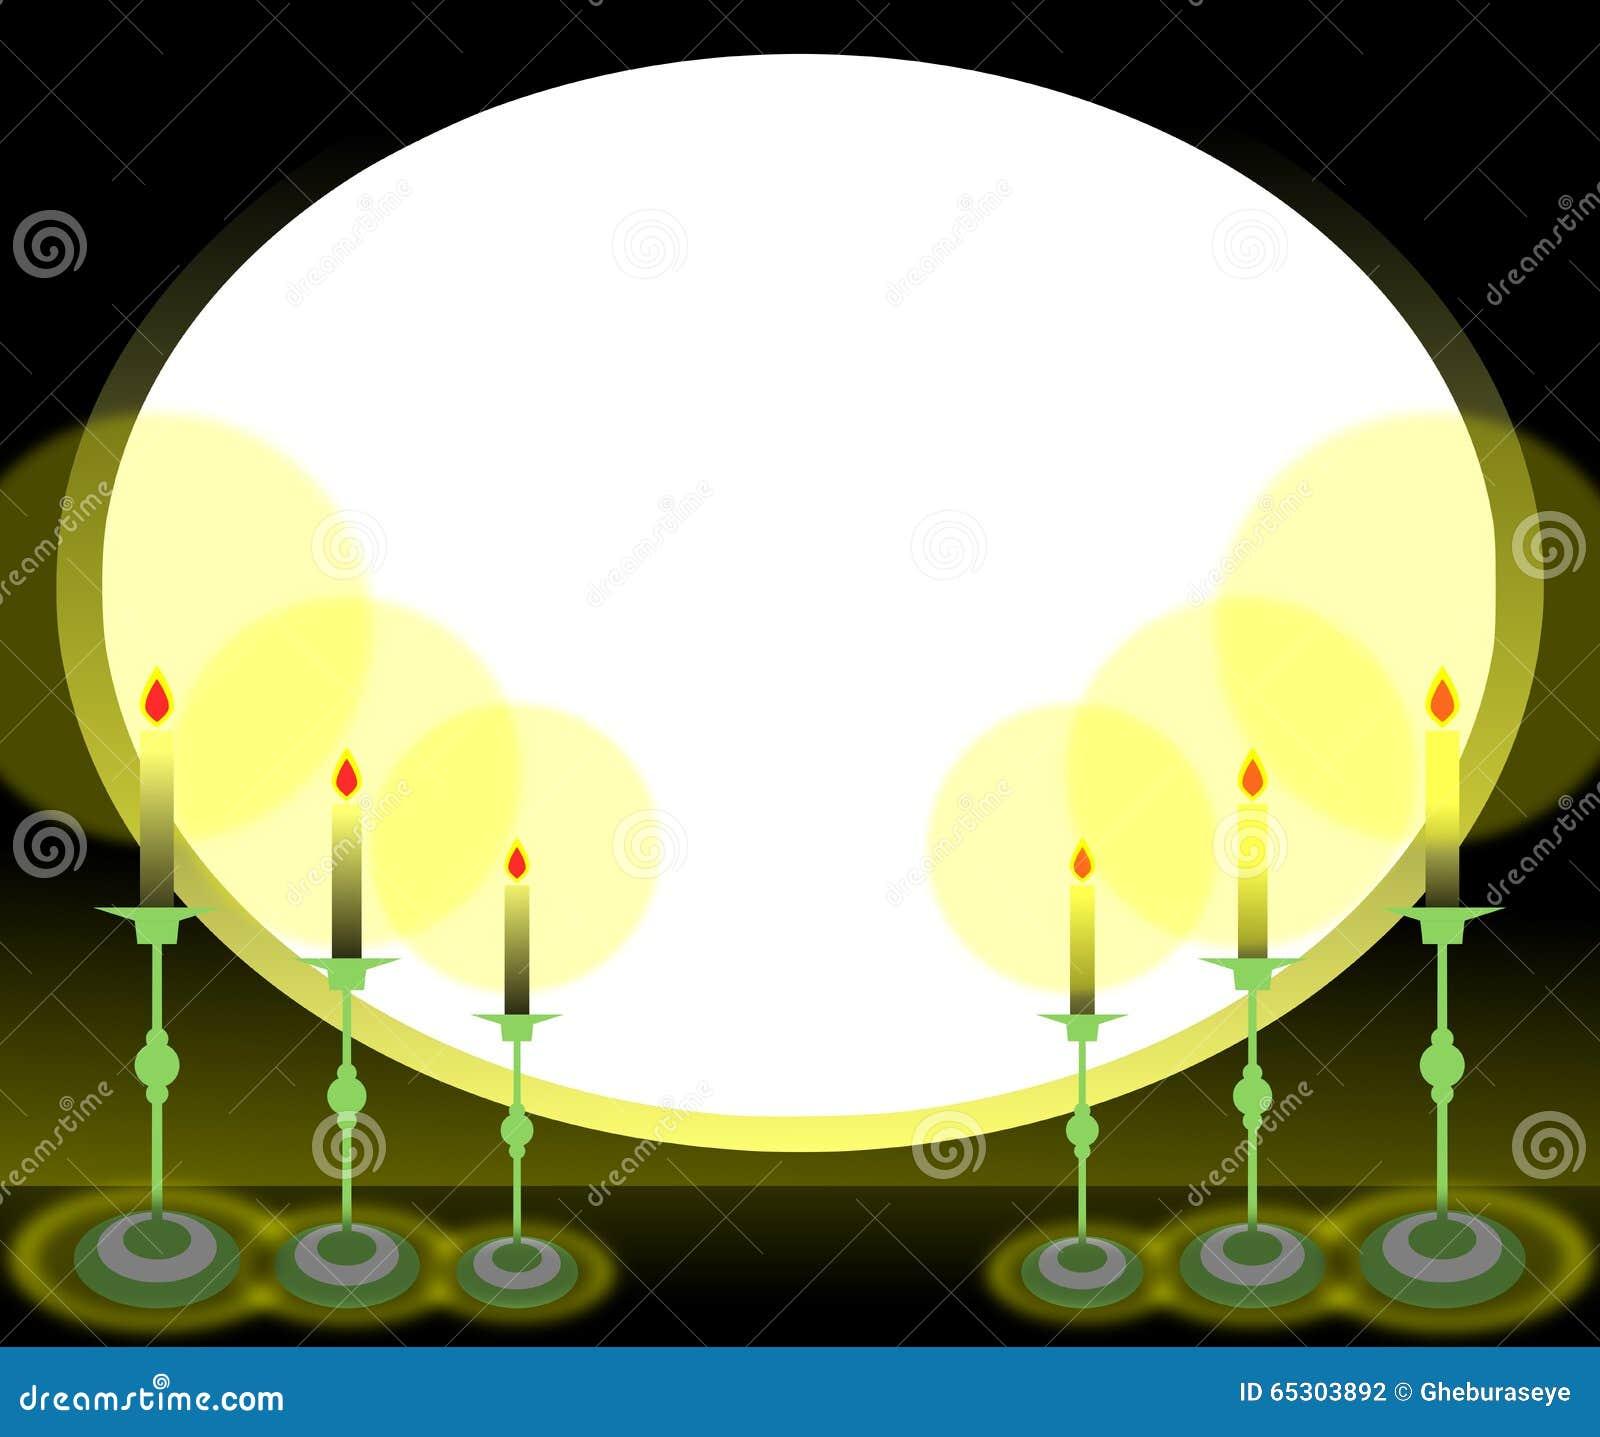 Ovaler Rahmen mit Kerzen stockfoto. Illustration von verwendet ...